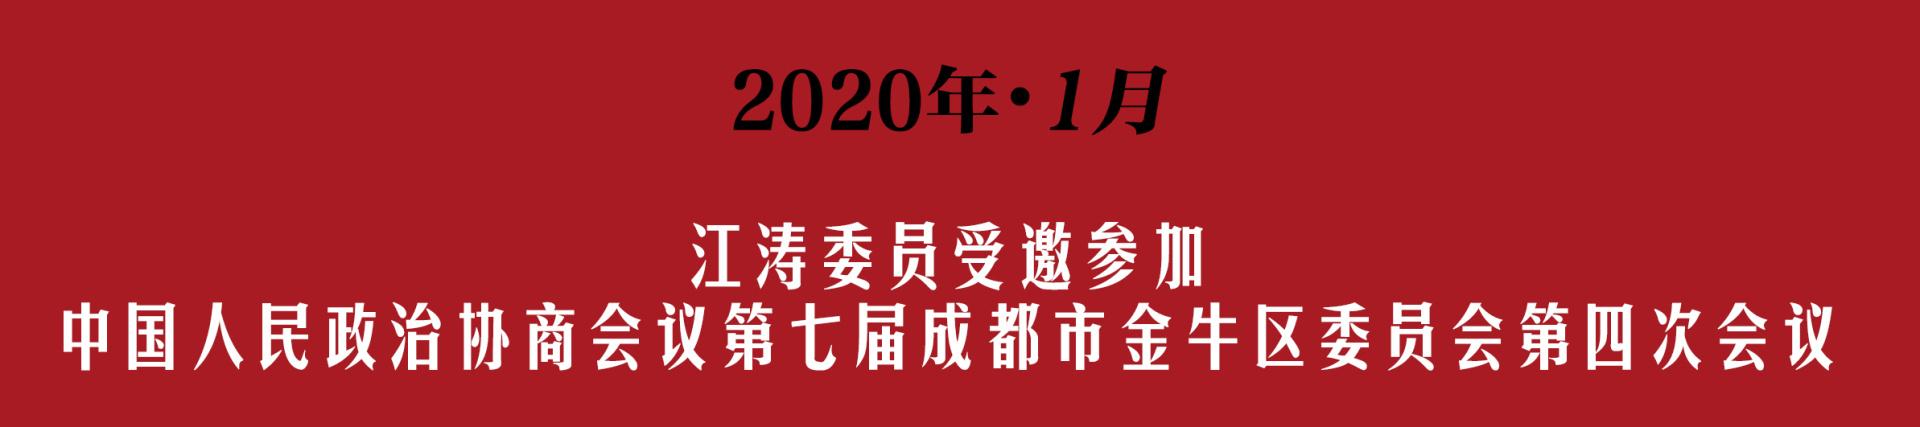 微信图片_20200328172646.jpg